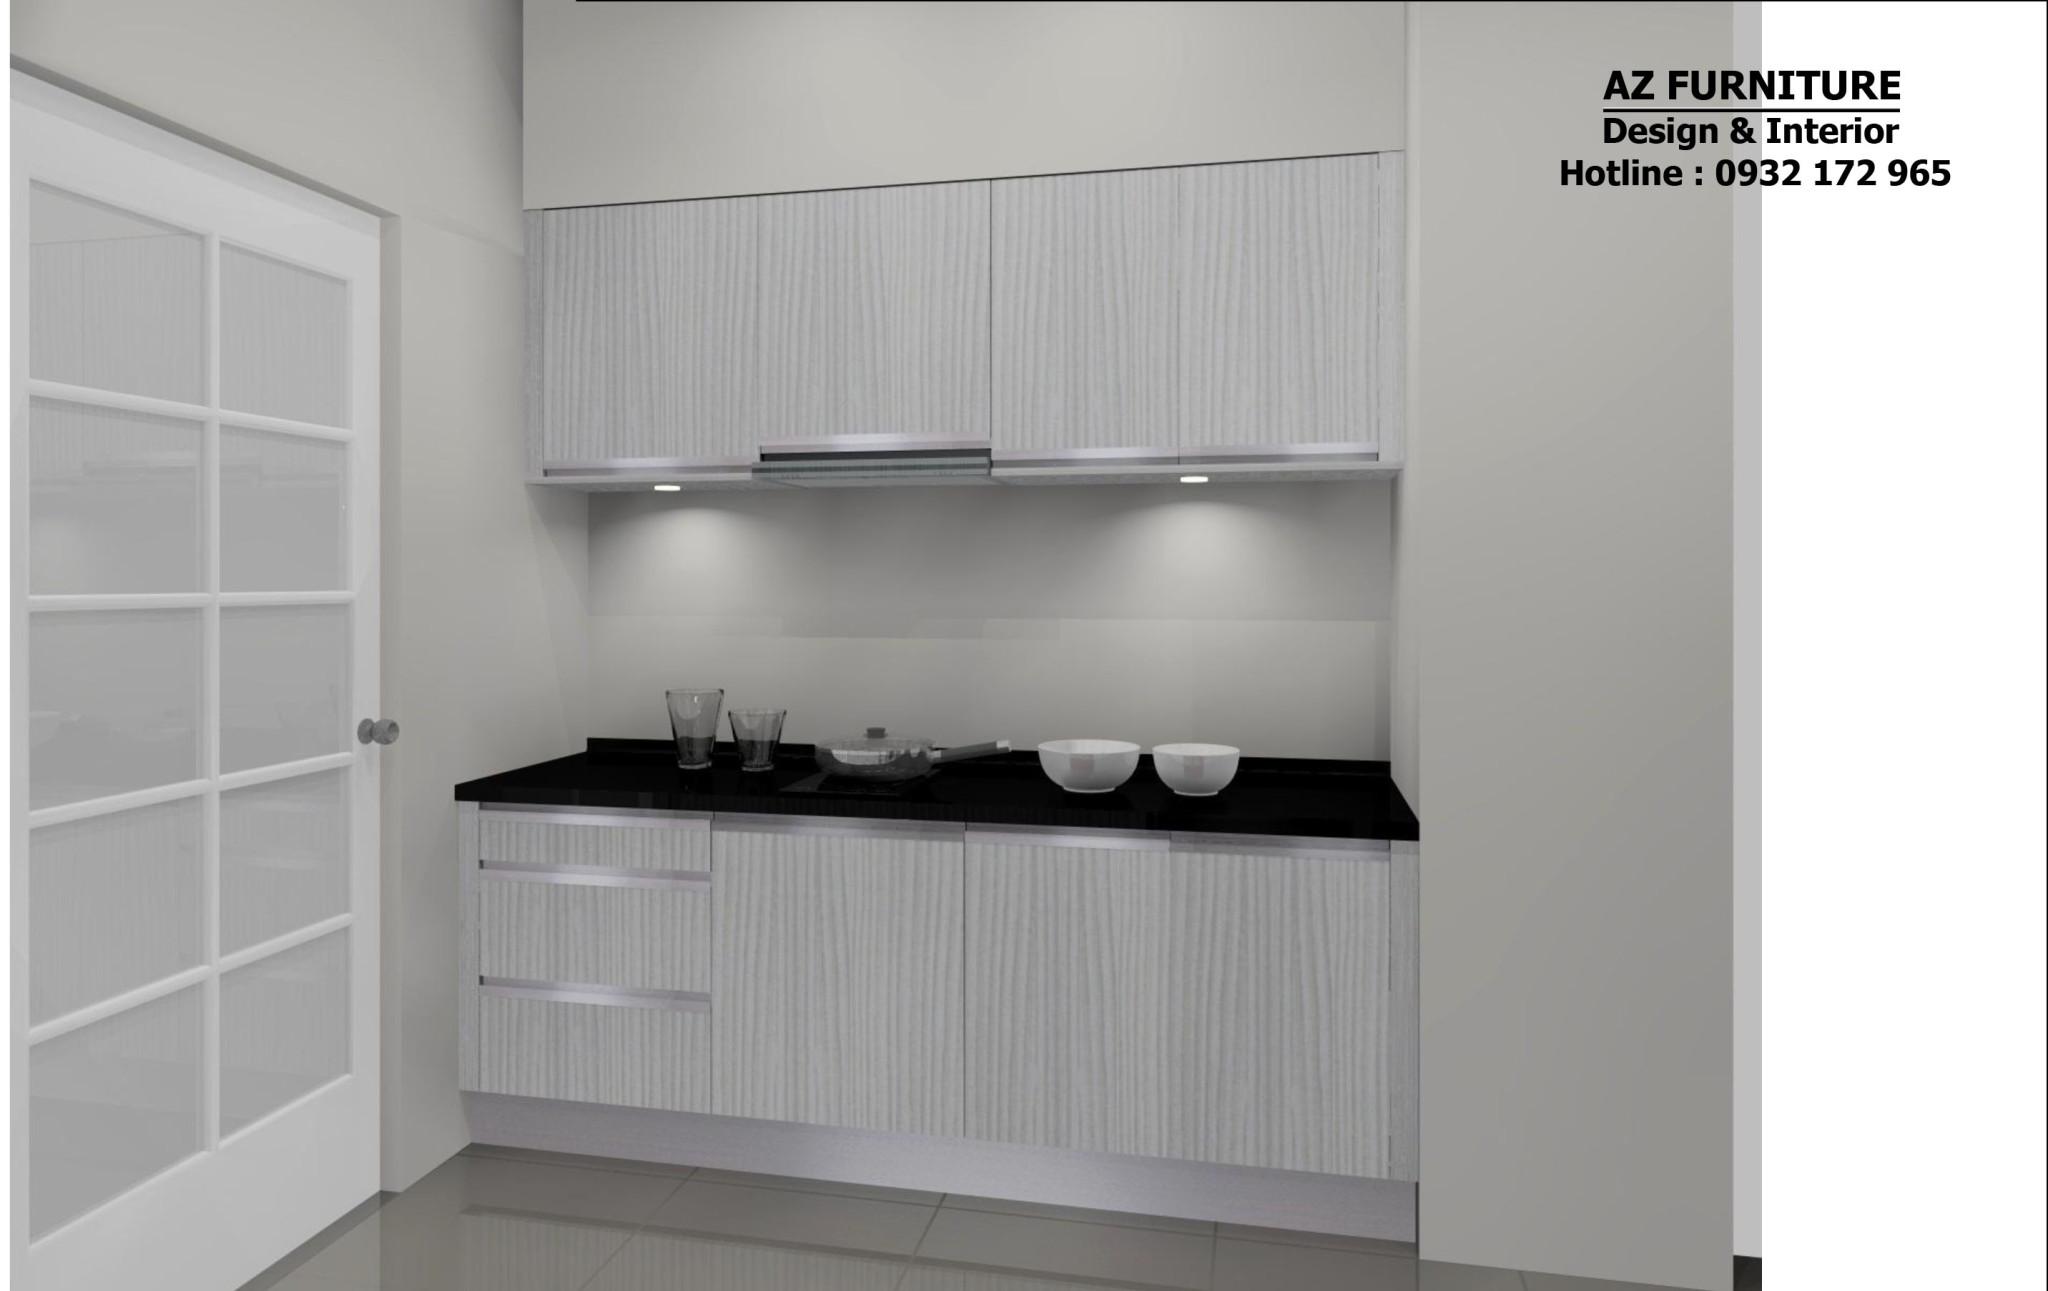 thiết kế phòng bếp nội thất chung cư